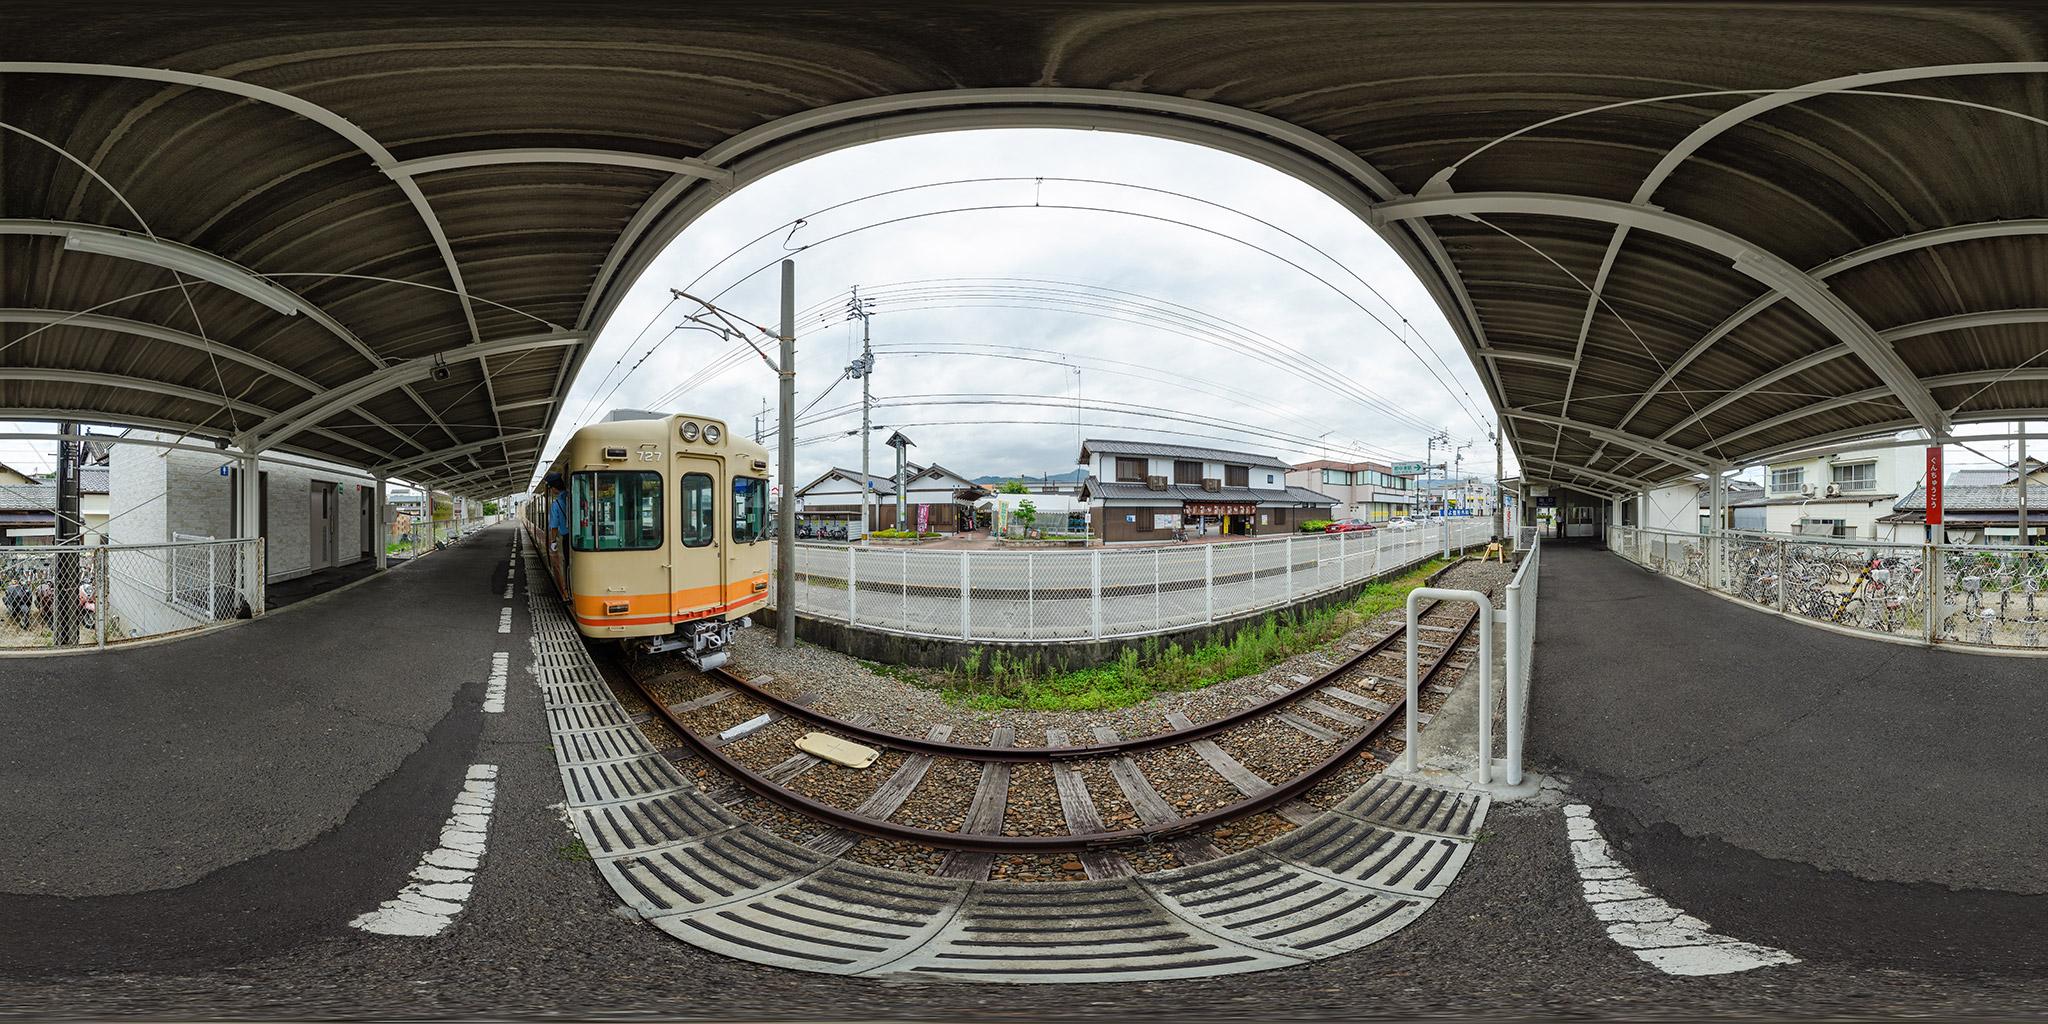 伊予鉄道郡中港駅を発車する700系電車